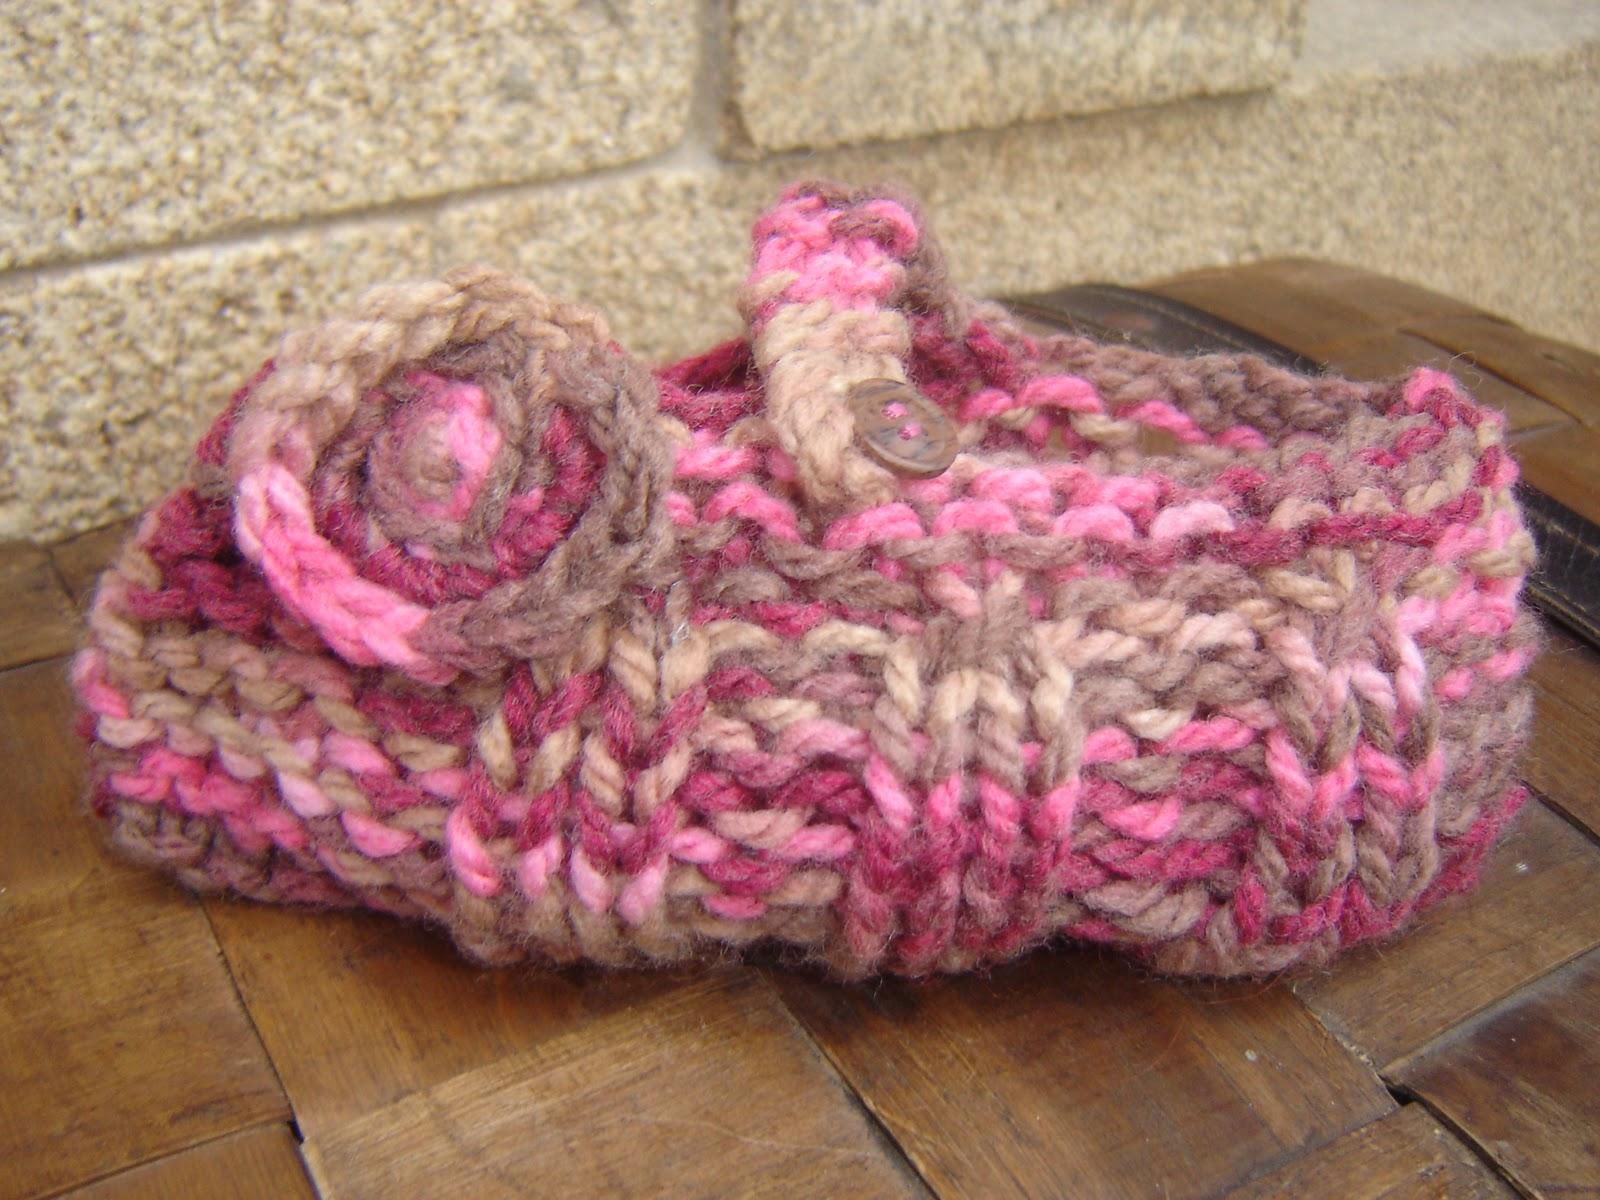 El bosque de lana hoy le damos un punto a los pies Artesania gallega regalos